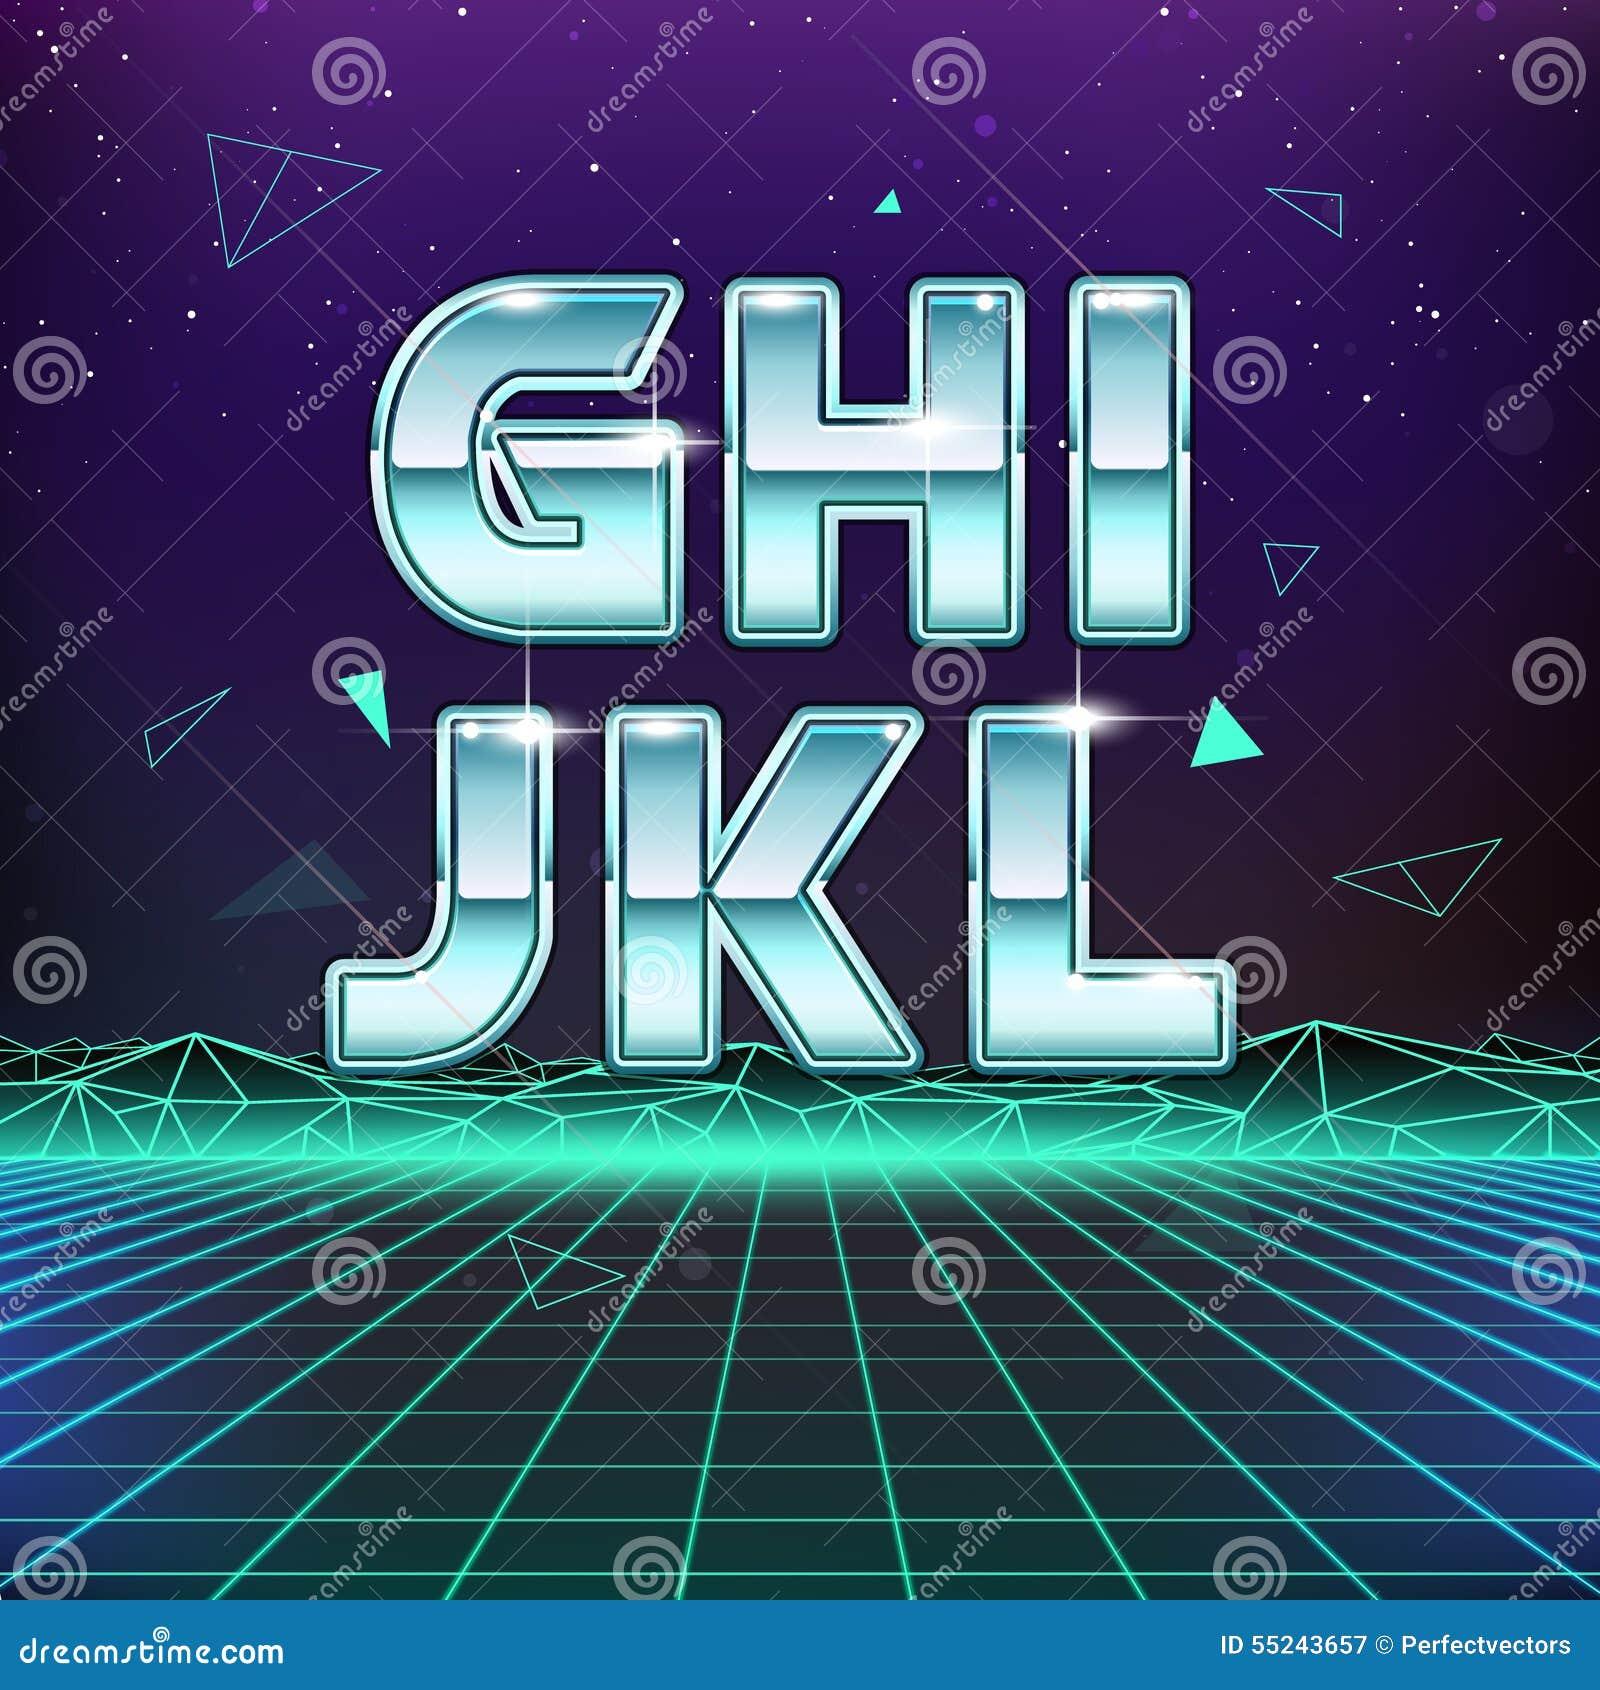 Digitalrevolution Blog Retro Sci Fi: 80s Retro Sci-Fi Font From G To L Stock Vector